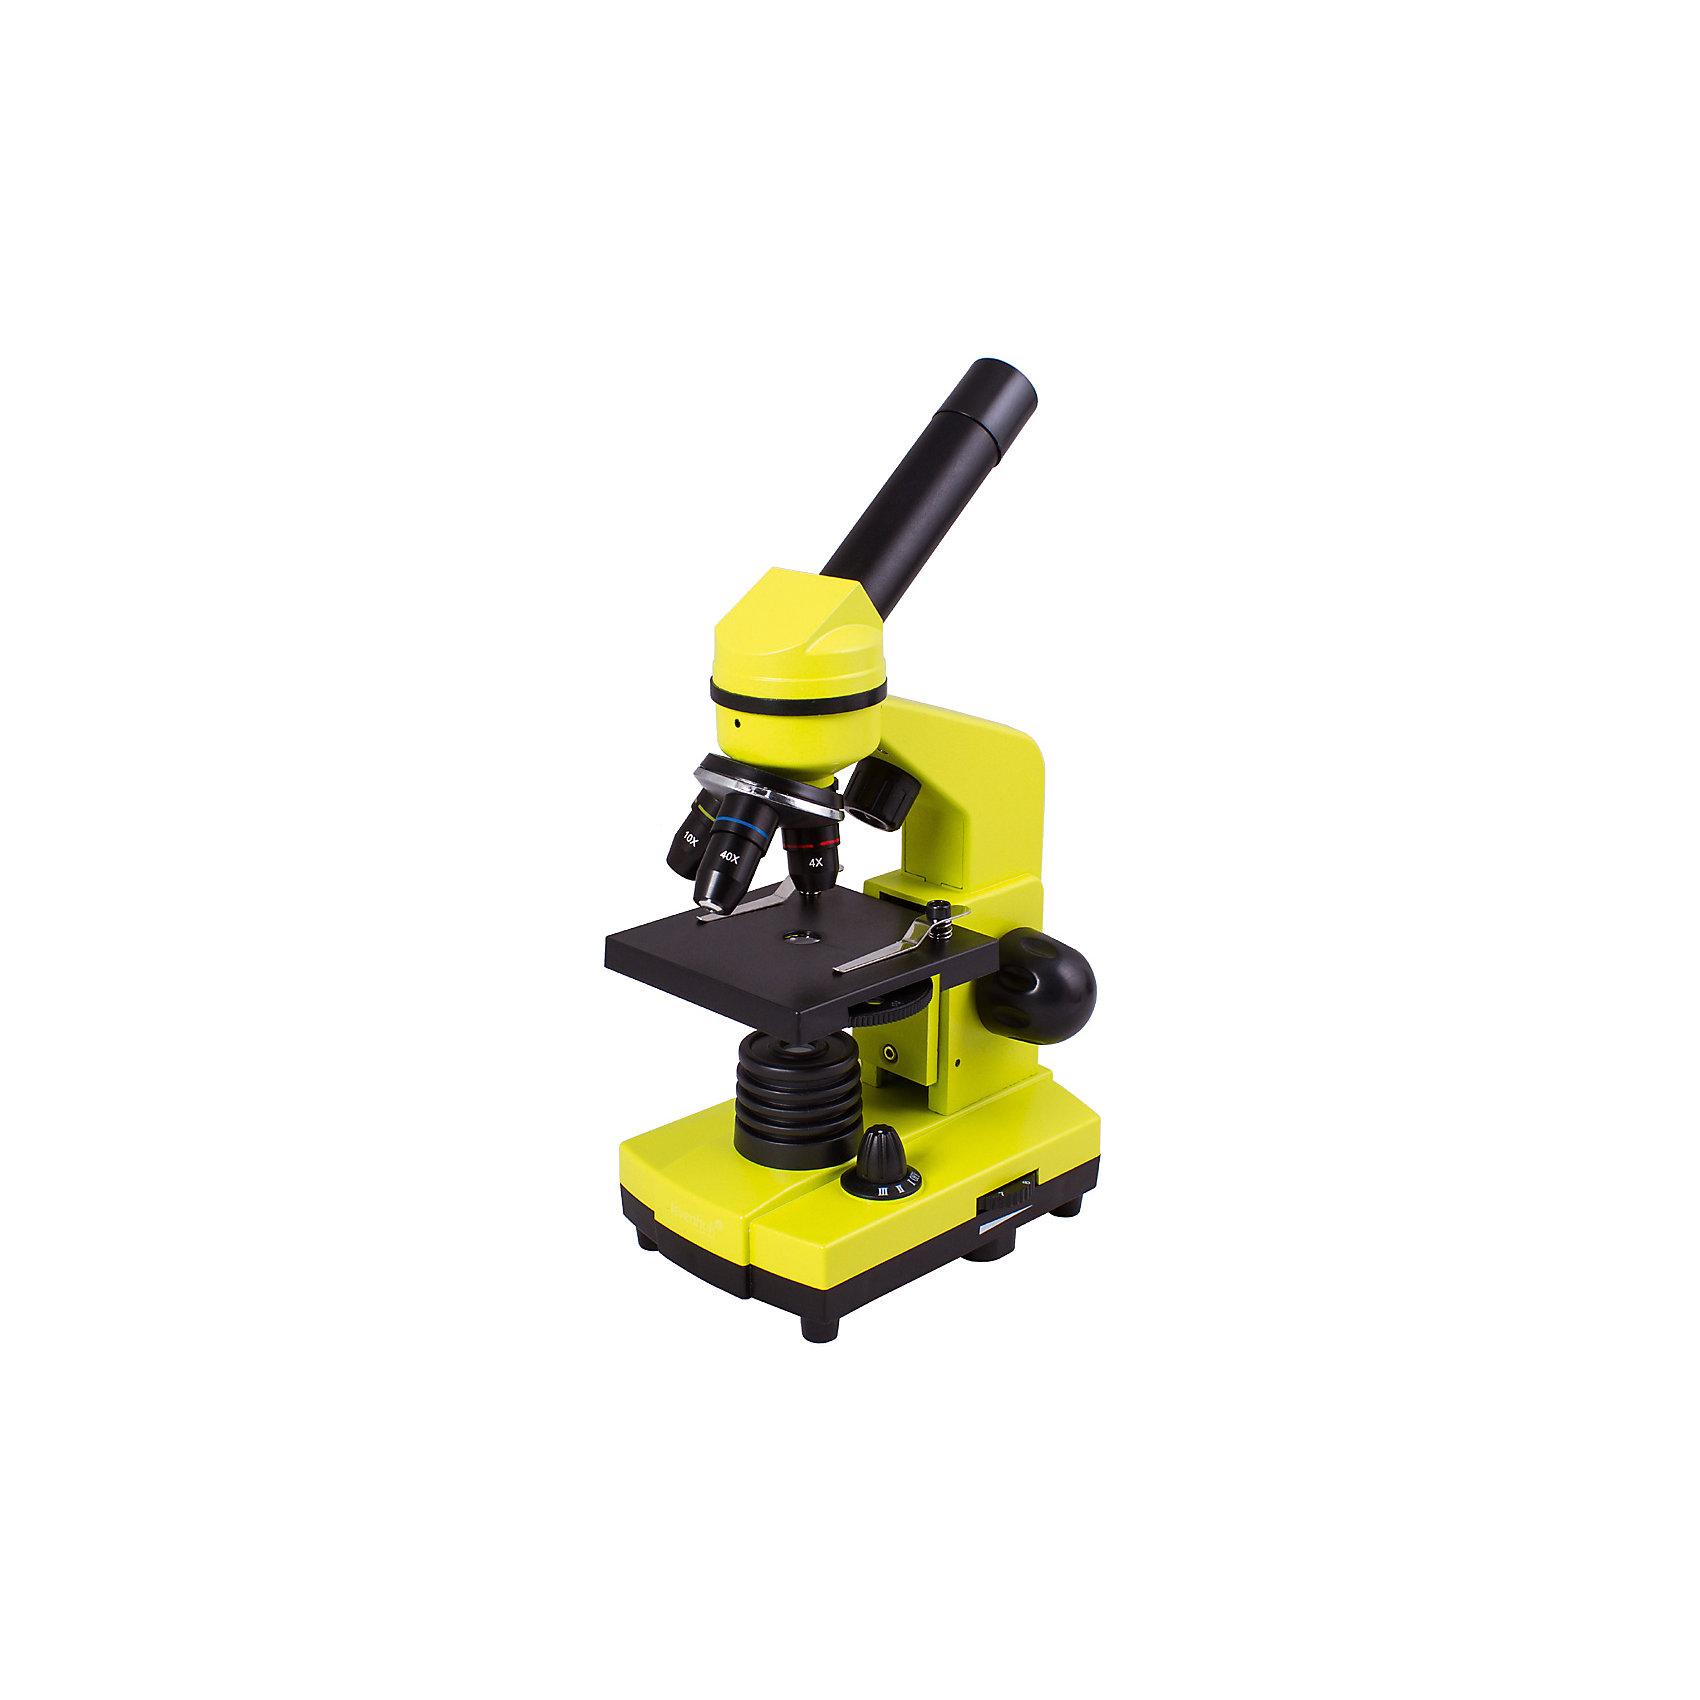 Микроскоп Levenhuk Rainbow 2L Lime\ЛаймМикроскопы<br>Характеристики товара:<br><br>• материал: металл, пластик<br>• увеличение: до 400 крат<br>• объективы: 4х, 10х, 40х<br>• подсветка: светодиодная<br>• подсветка работает от батареек 3хАА<br>• комплектация: микроскоп, окуляр WF16х, предметный столик с зажимами, диск с диафрагмами, адаптер питания от сети (питание 110-220 В, 50 Гц), инструкция по эксплуатации и гарантийный талон, пинцет, инкубатор для артемии, микротом, флакон с дрожжами, флакон со смолой для изготовления препаратов, флакон с морской солью, флакон с артемией (морским рачком), 5 готовых образцов и 5 чистых предметных стекол, пипетка<br>• диаметр окулярной трубки: 23,2 мм<br>• страна бренда: США<br>• страна производства: КНР<br><br>Собственный микроскоп - это отличный способ заинтересовать ребенка наукой и привить ему интерес к учебе. Эта модель микроскопа была разработана специально для детей - он позволяет увеличивать препарат в 400 крат, с помощью этого дети могут исследовать состав и структуру разнообразных предметов, веществ и организмов. Благодаря стильному дизайну этот микроскоп отлично вписывается в интерьер!<br><br>Оптические приборы от американской компании Levenhuk уже успели зарекомендовать себя как качественная и надежная продукция. Для их производства используются только безопасные и проверенные материалы. Такой прибор способен прослужить долго. Подарите ребенку интересную и полезную вещь!<br><br>Микроскоп Levenhuk Rainbow 2L Lime\Лайм от известного бренда Levenhuk (Левенгук) можно купить в нашем интернет-магазине.<br><br>Ширина мм: 230<br>Глубина мм: 150<br>Высота мм: 370<br>Вес г: 1530<br>Возраст от месяцев: 60<br>Возраст до месяцев: 2147483647<br>Пол: Унисекс<br>Возраст: Детский<br>SKU: 5435267